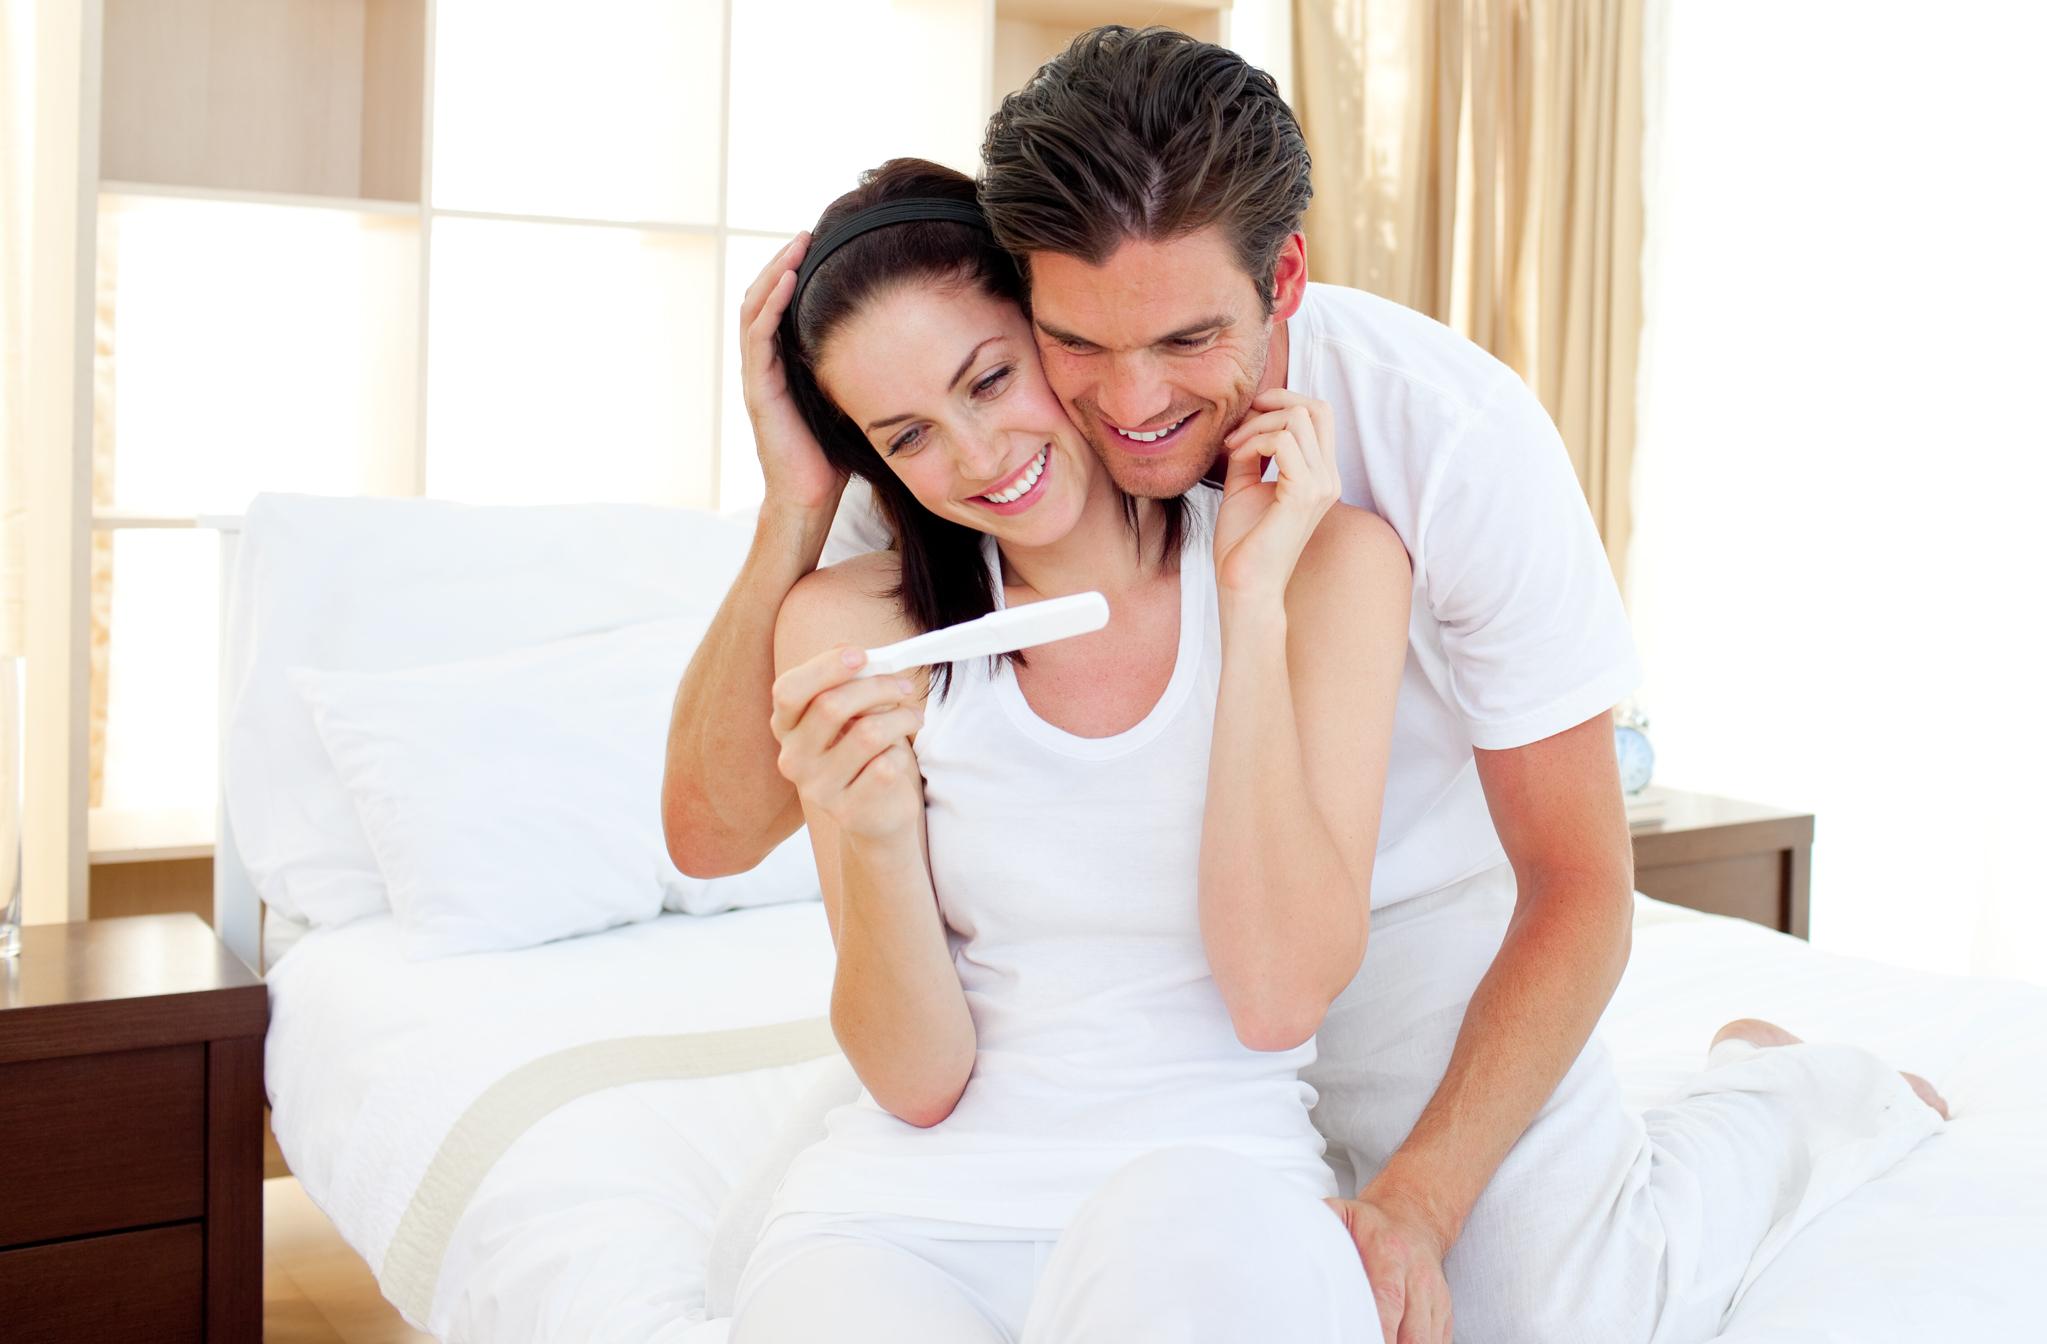 casal feliz com resultado de exame de gravidez após ter tido dificuldade para engravidar do segundo filho